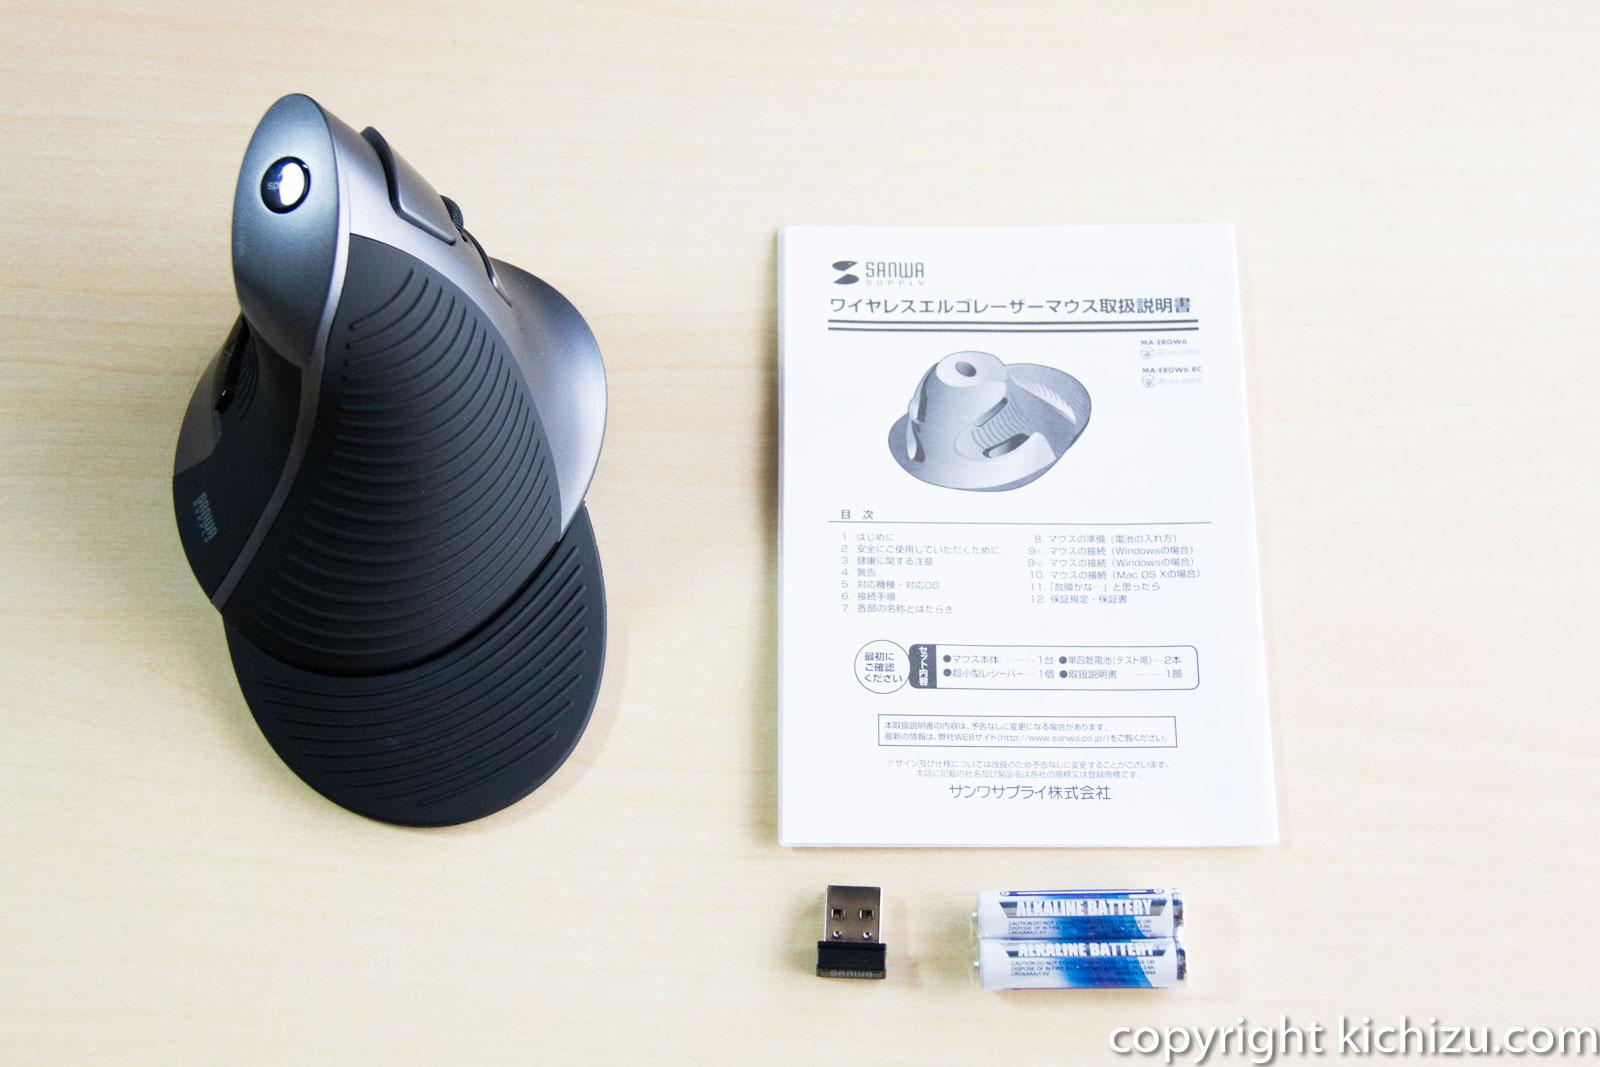 サンワサプライ ワイヤレスエルゴレーザーマウス MA-ERGW6付属品一覧